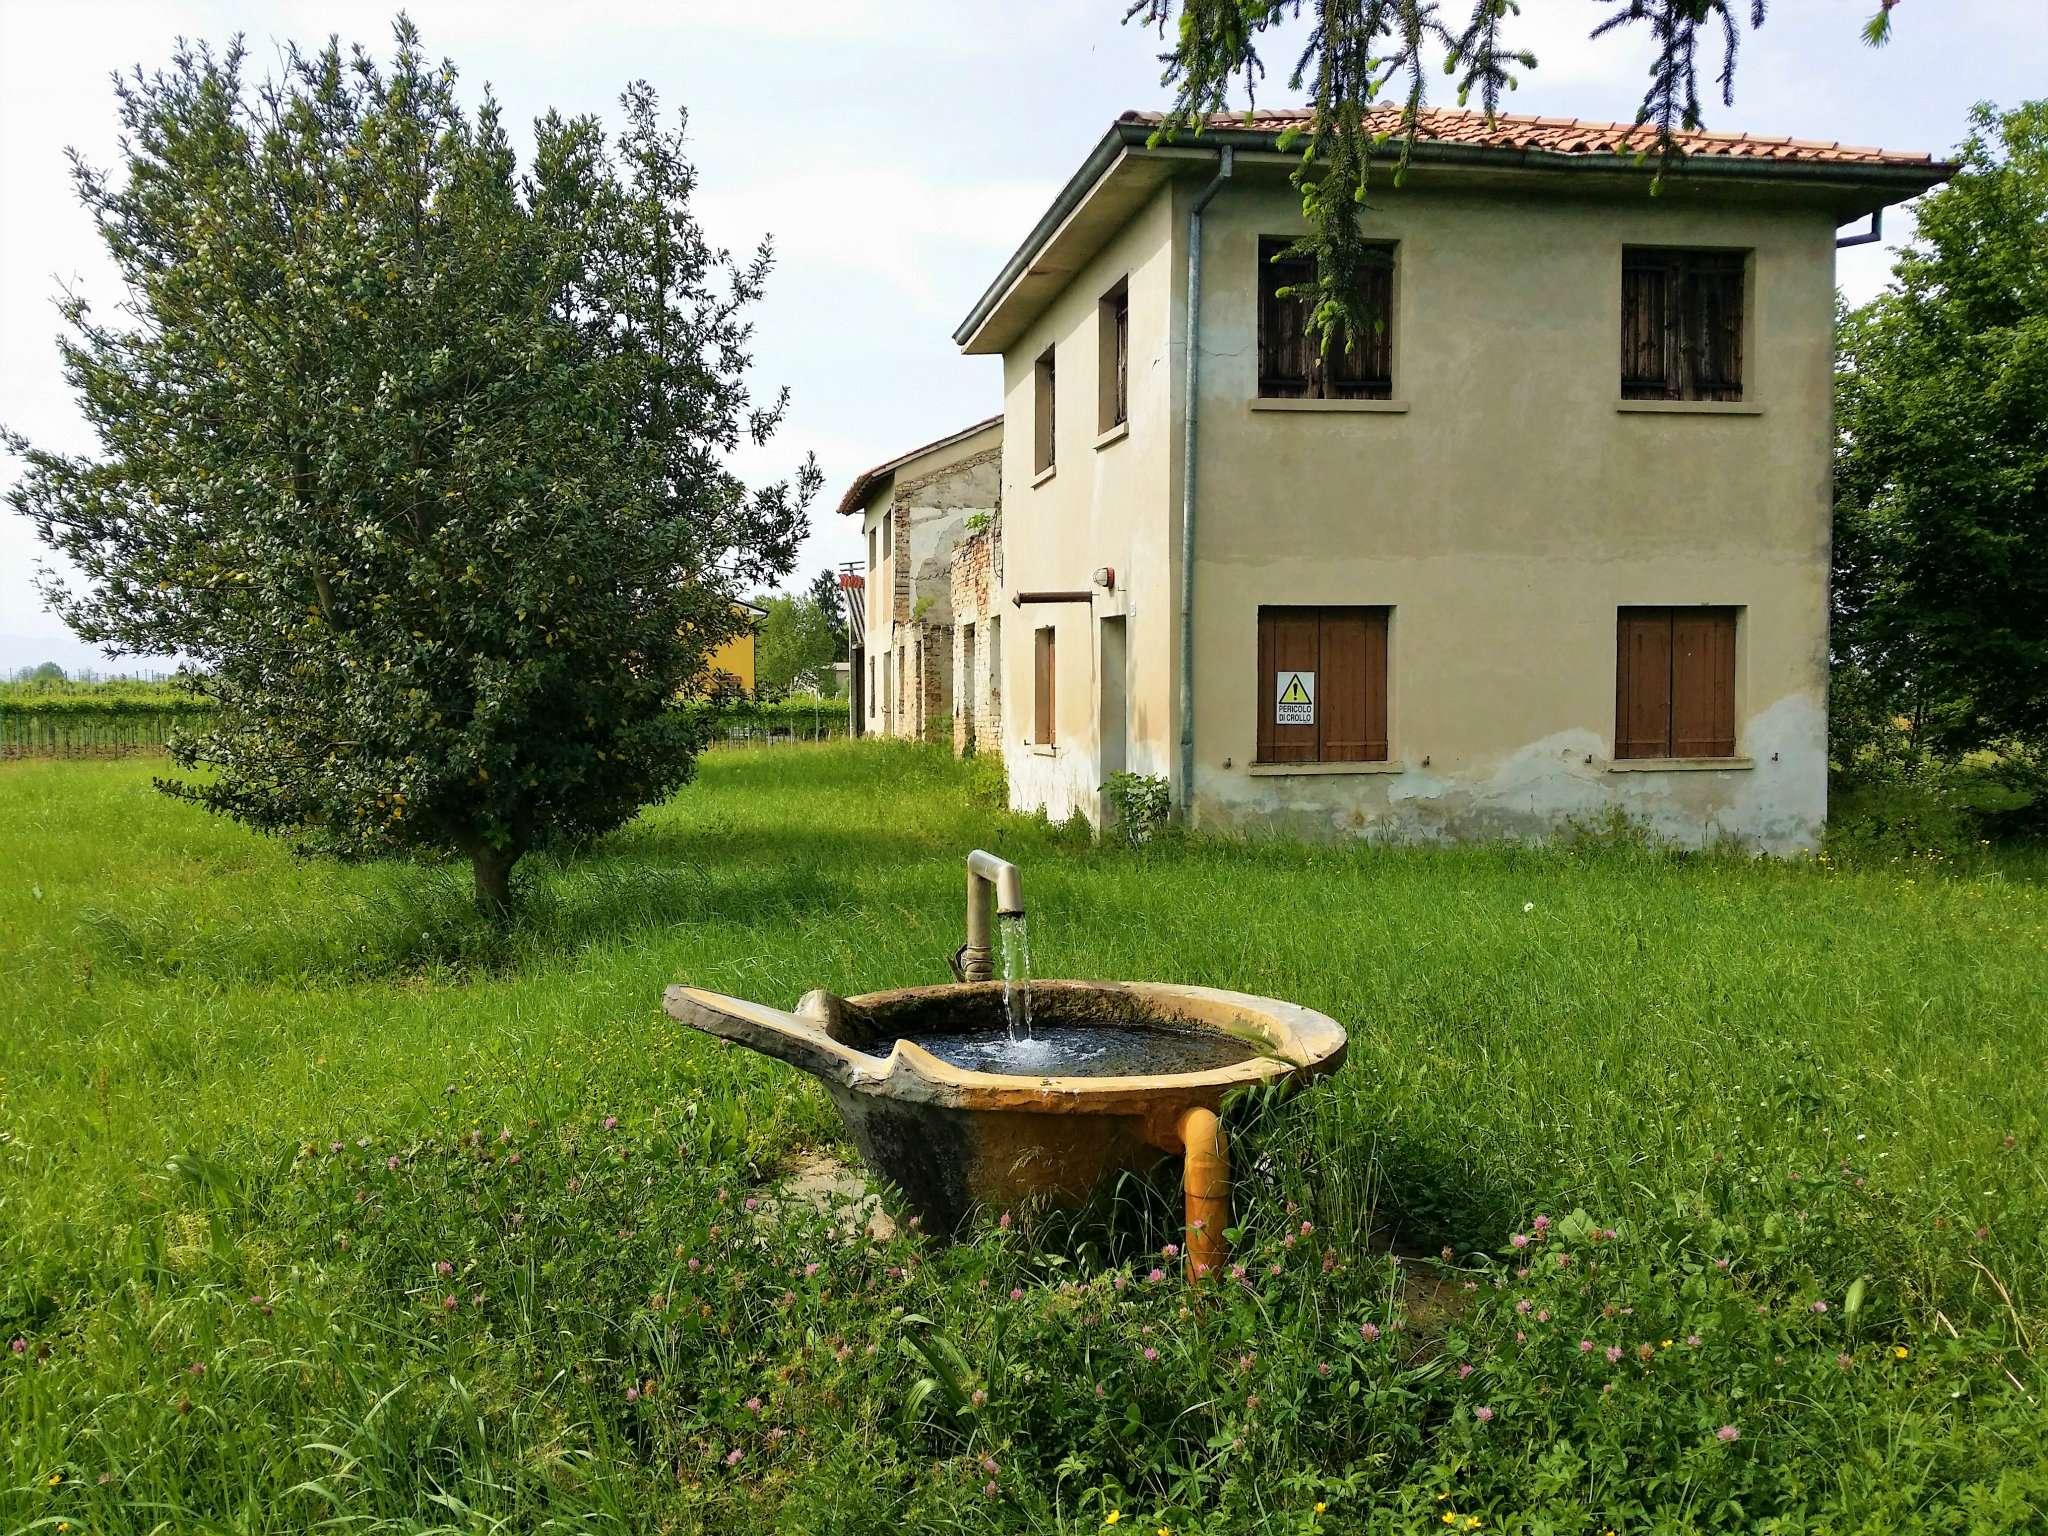 Rustico / Casale in vendita a Fontanelle, 4 locali, prezzo € 100.000 | CambioCasa.it